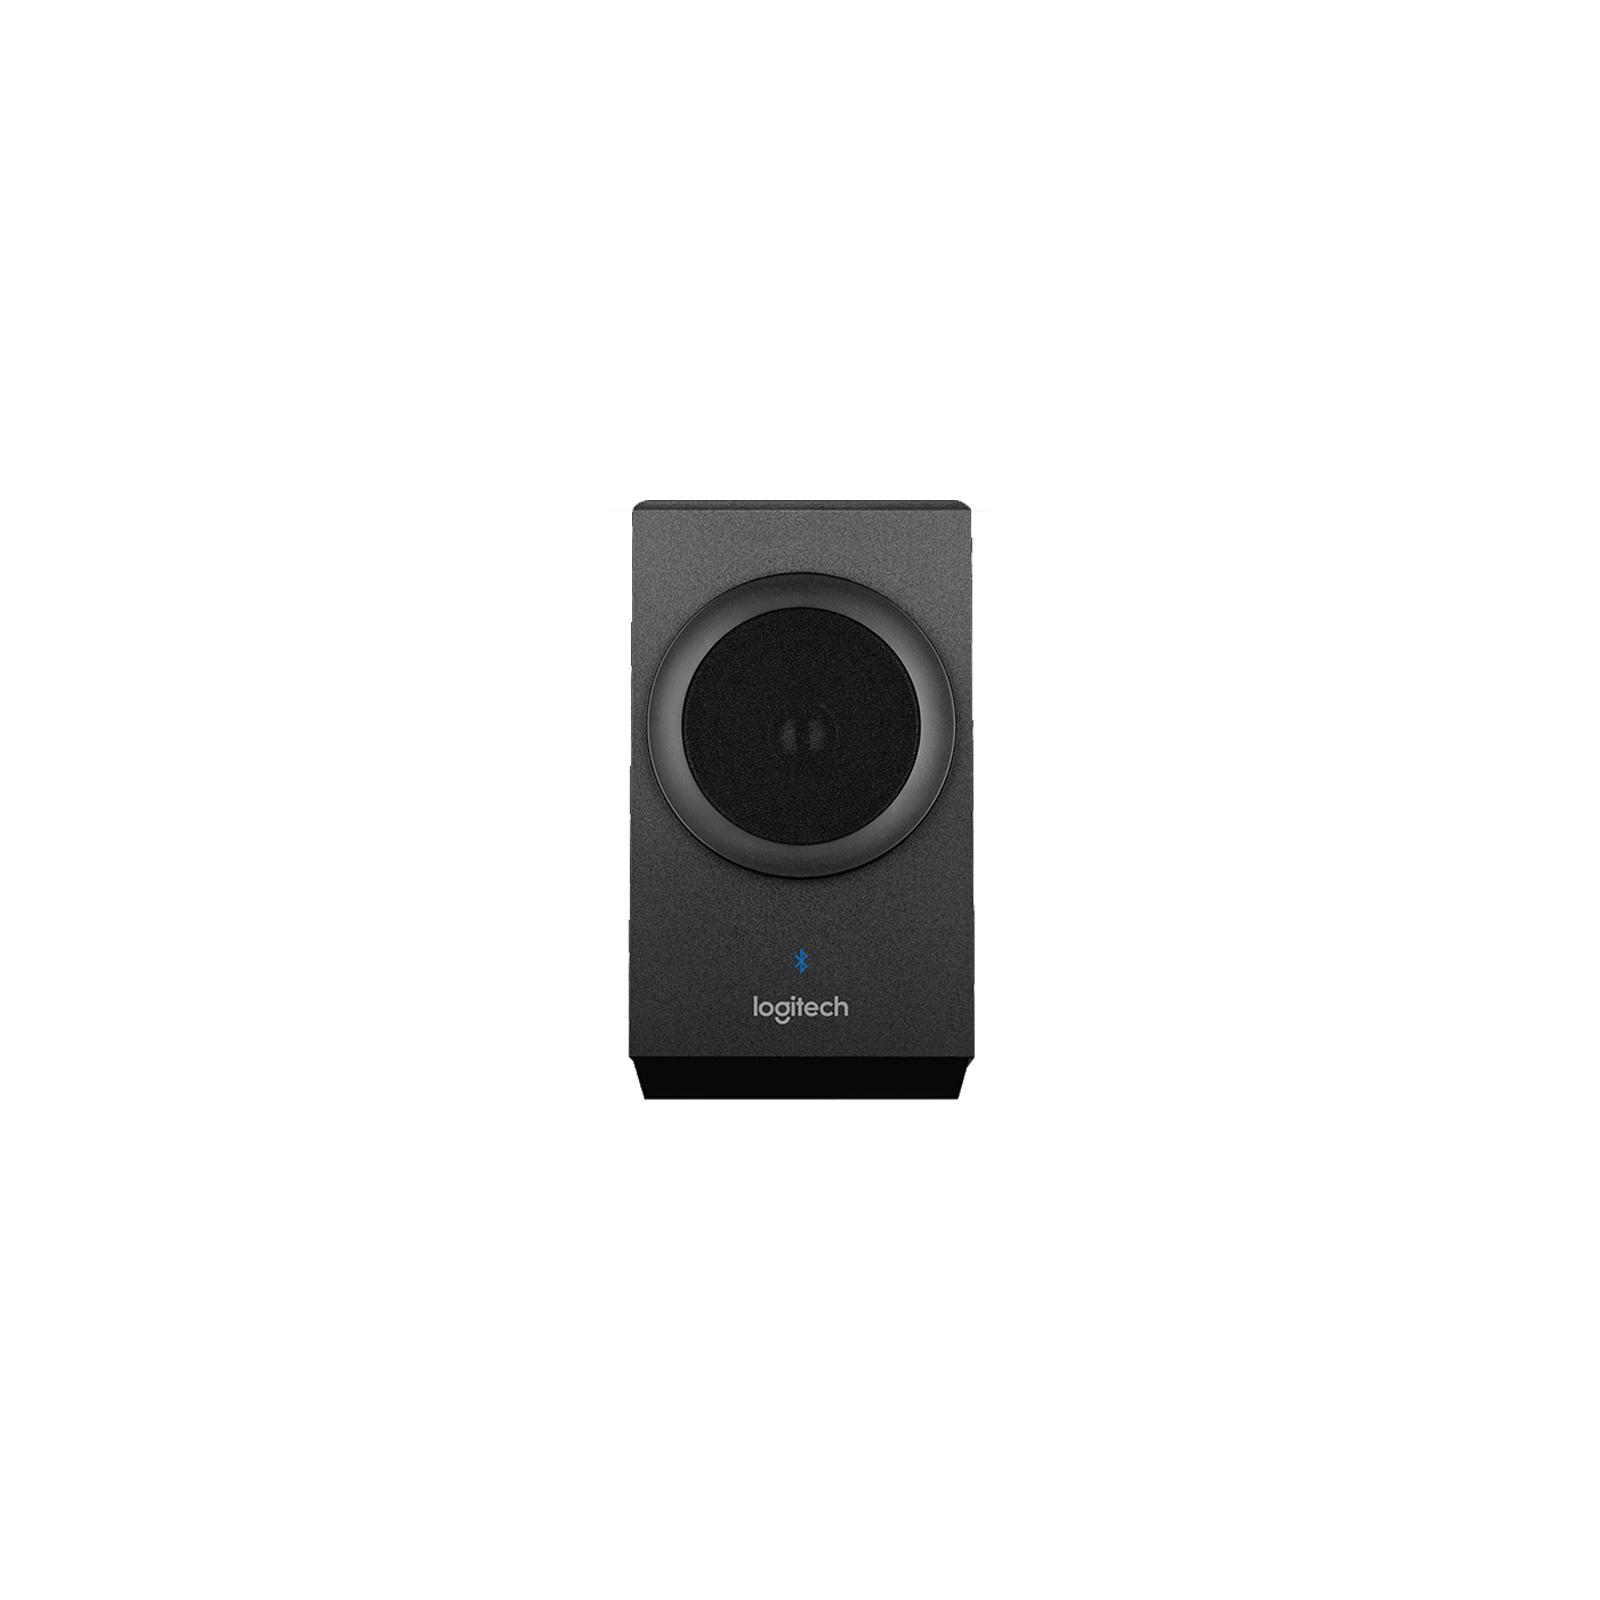 Акустическая система Logitech Z337 Bold Sound with Bluetooth (980-001261) изображение 3